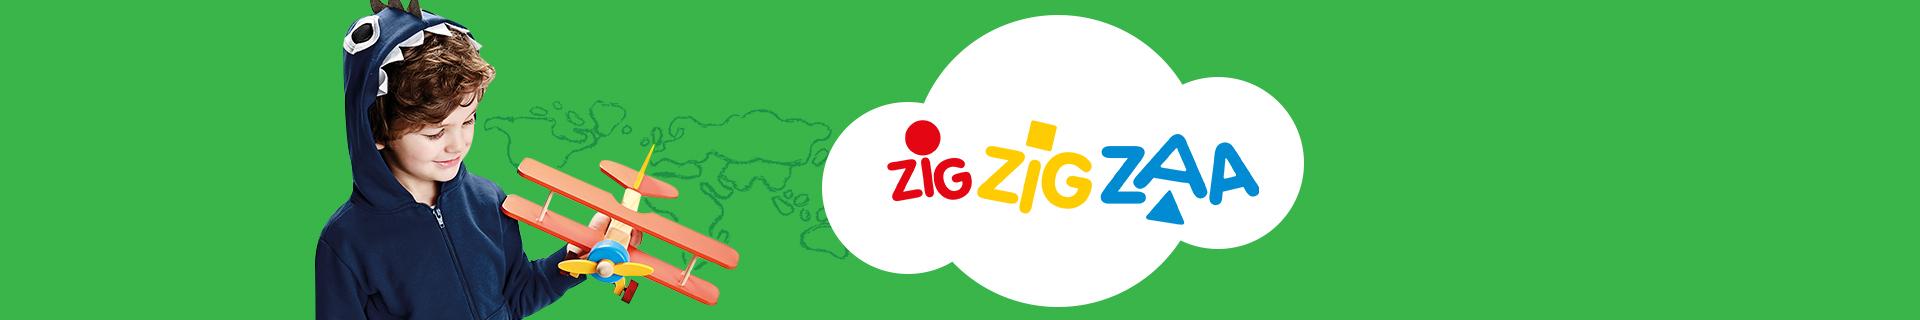 Zig Zag Zaa